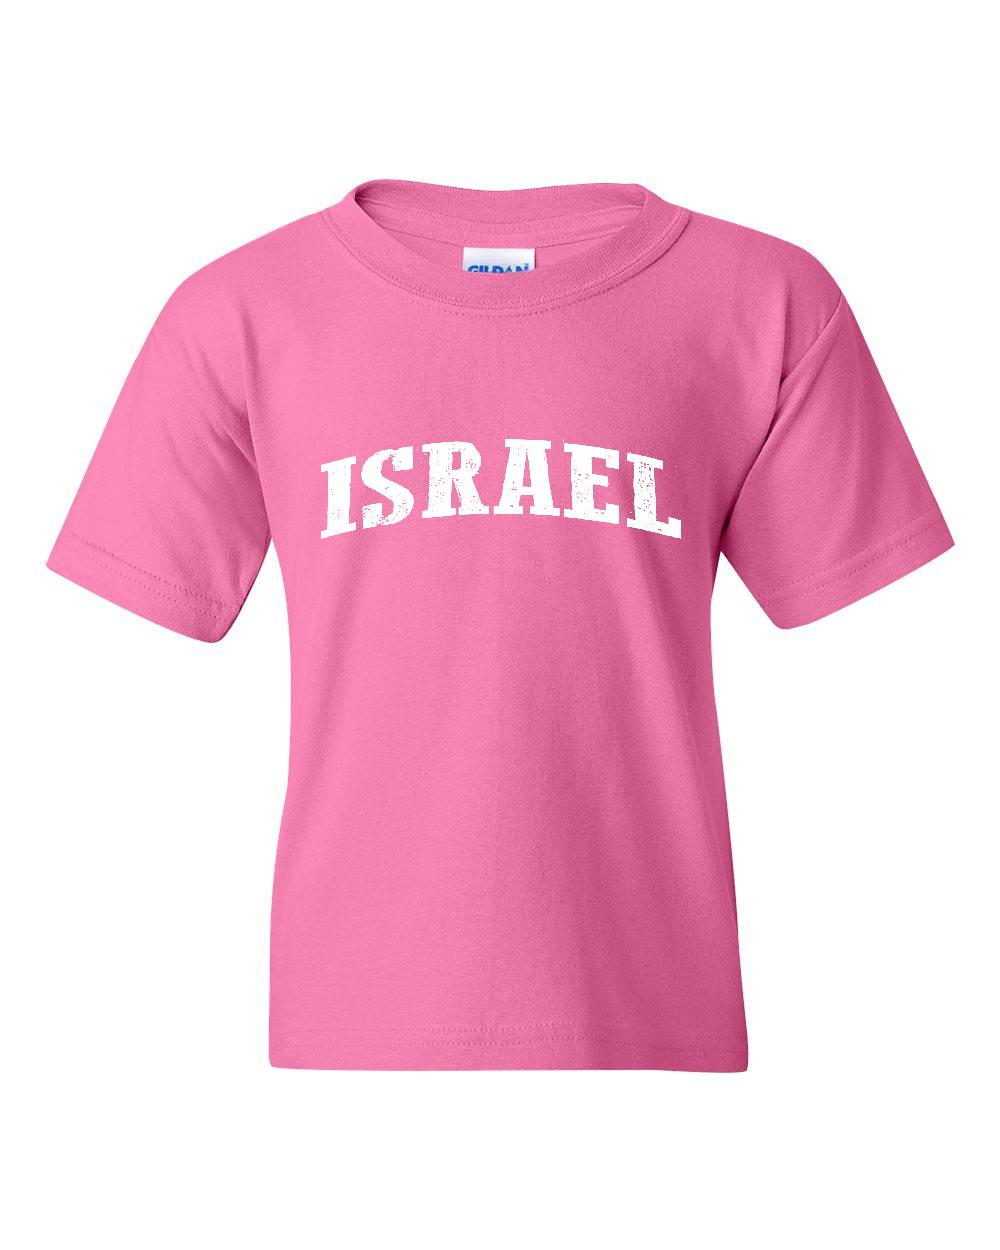 Israel Israeli Unisex Youth Shirts